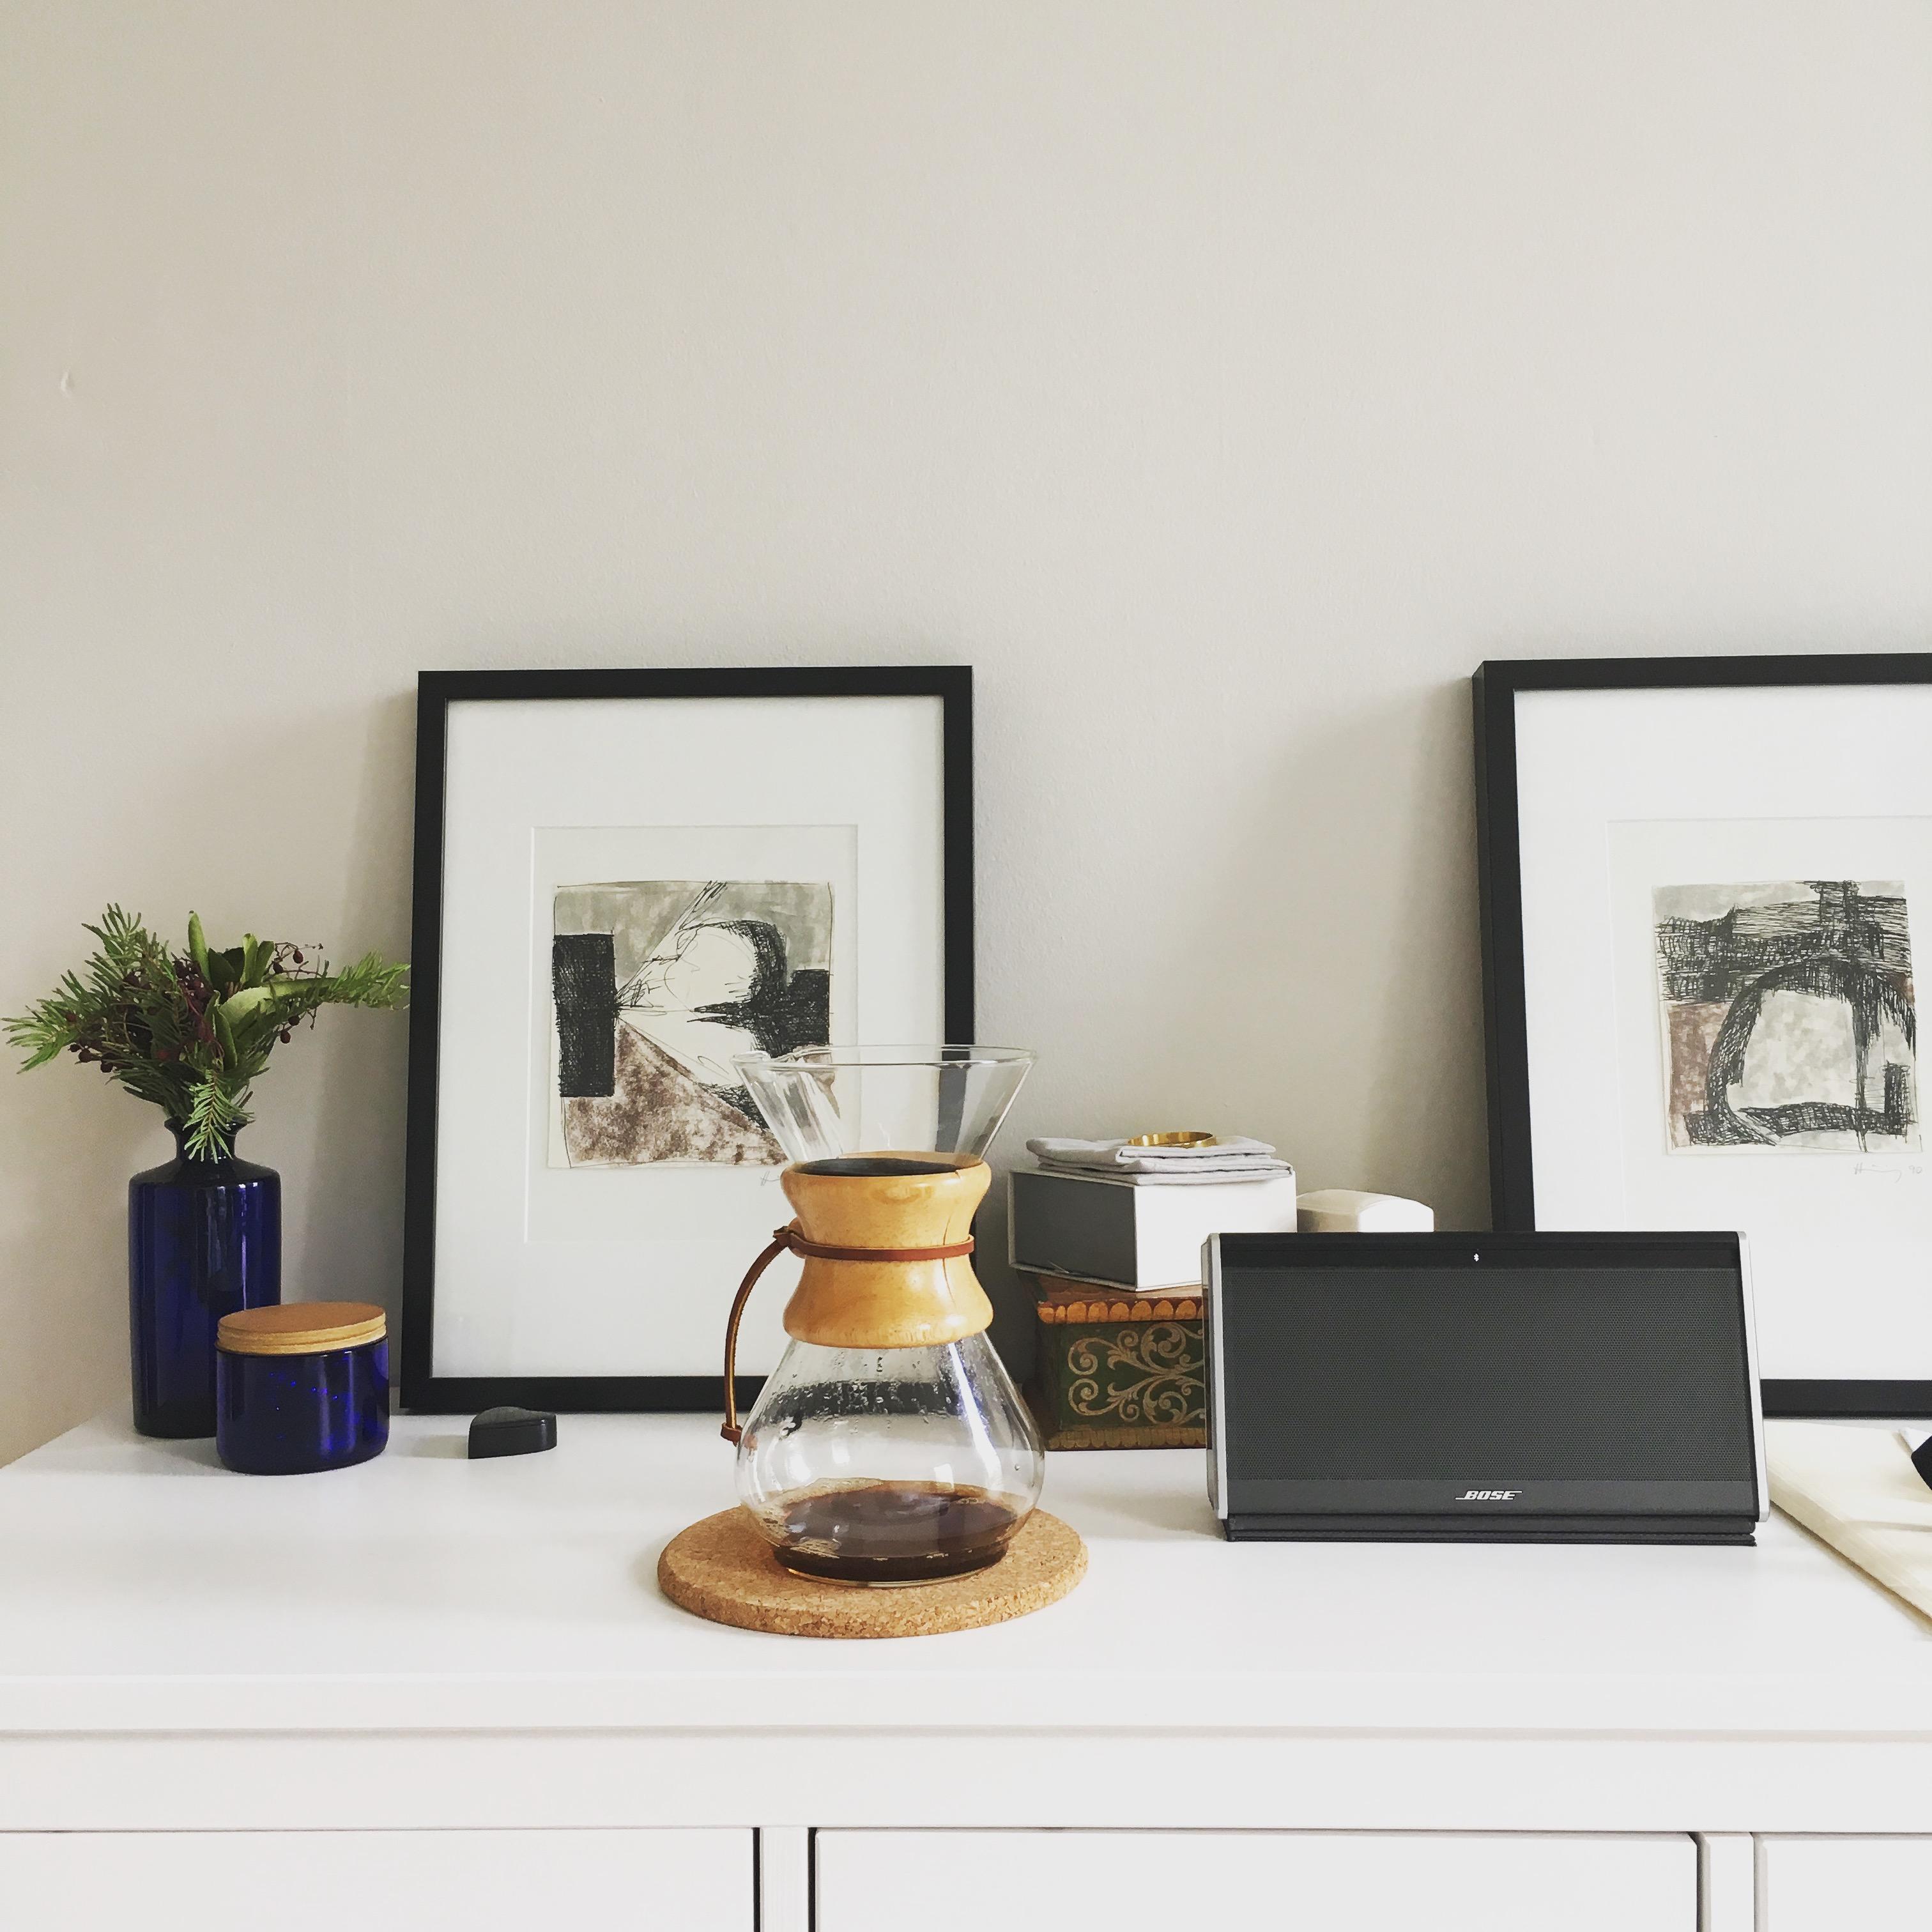 Les 7 meilleures adresses pour meubler son appartement for Meubler son appartement